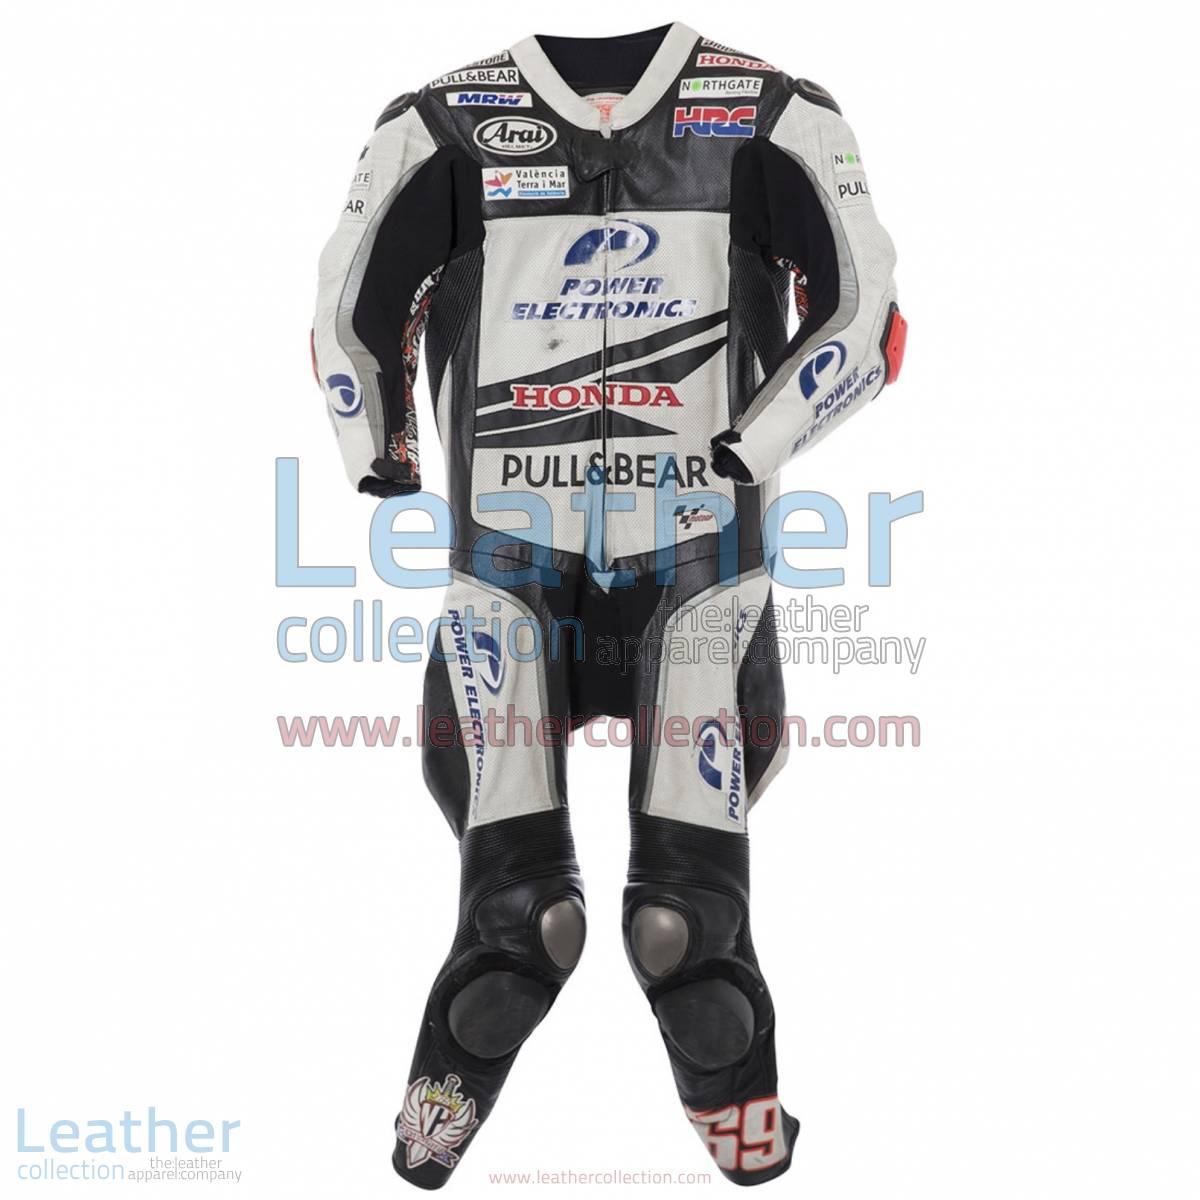 Nicky Hayden Honda MotoGP 2015 Race Suit | Nicky Hayden Honda MotoGP 2015 Race Suit